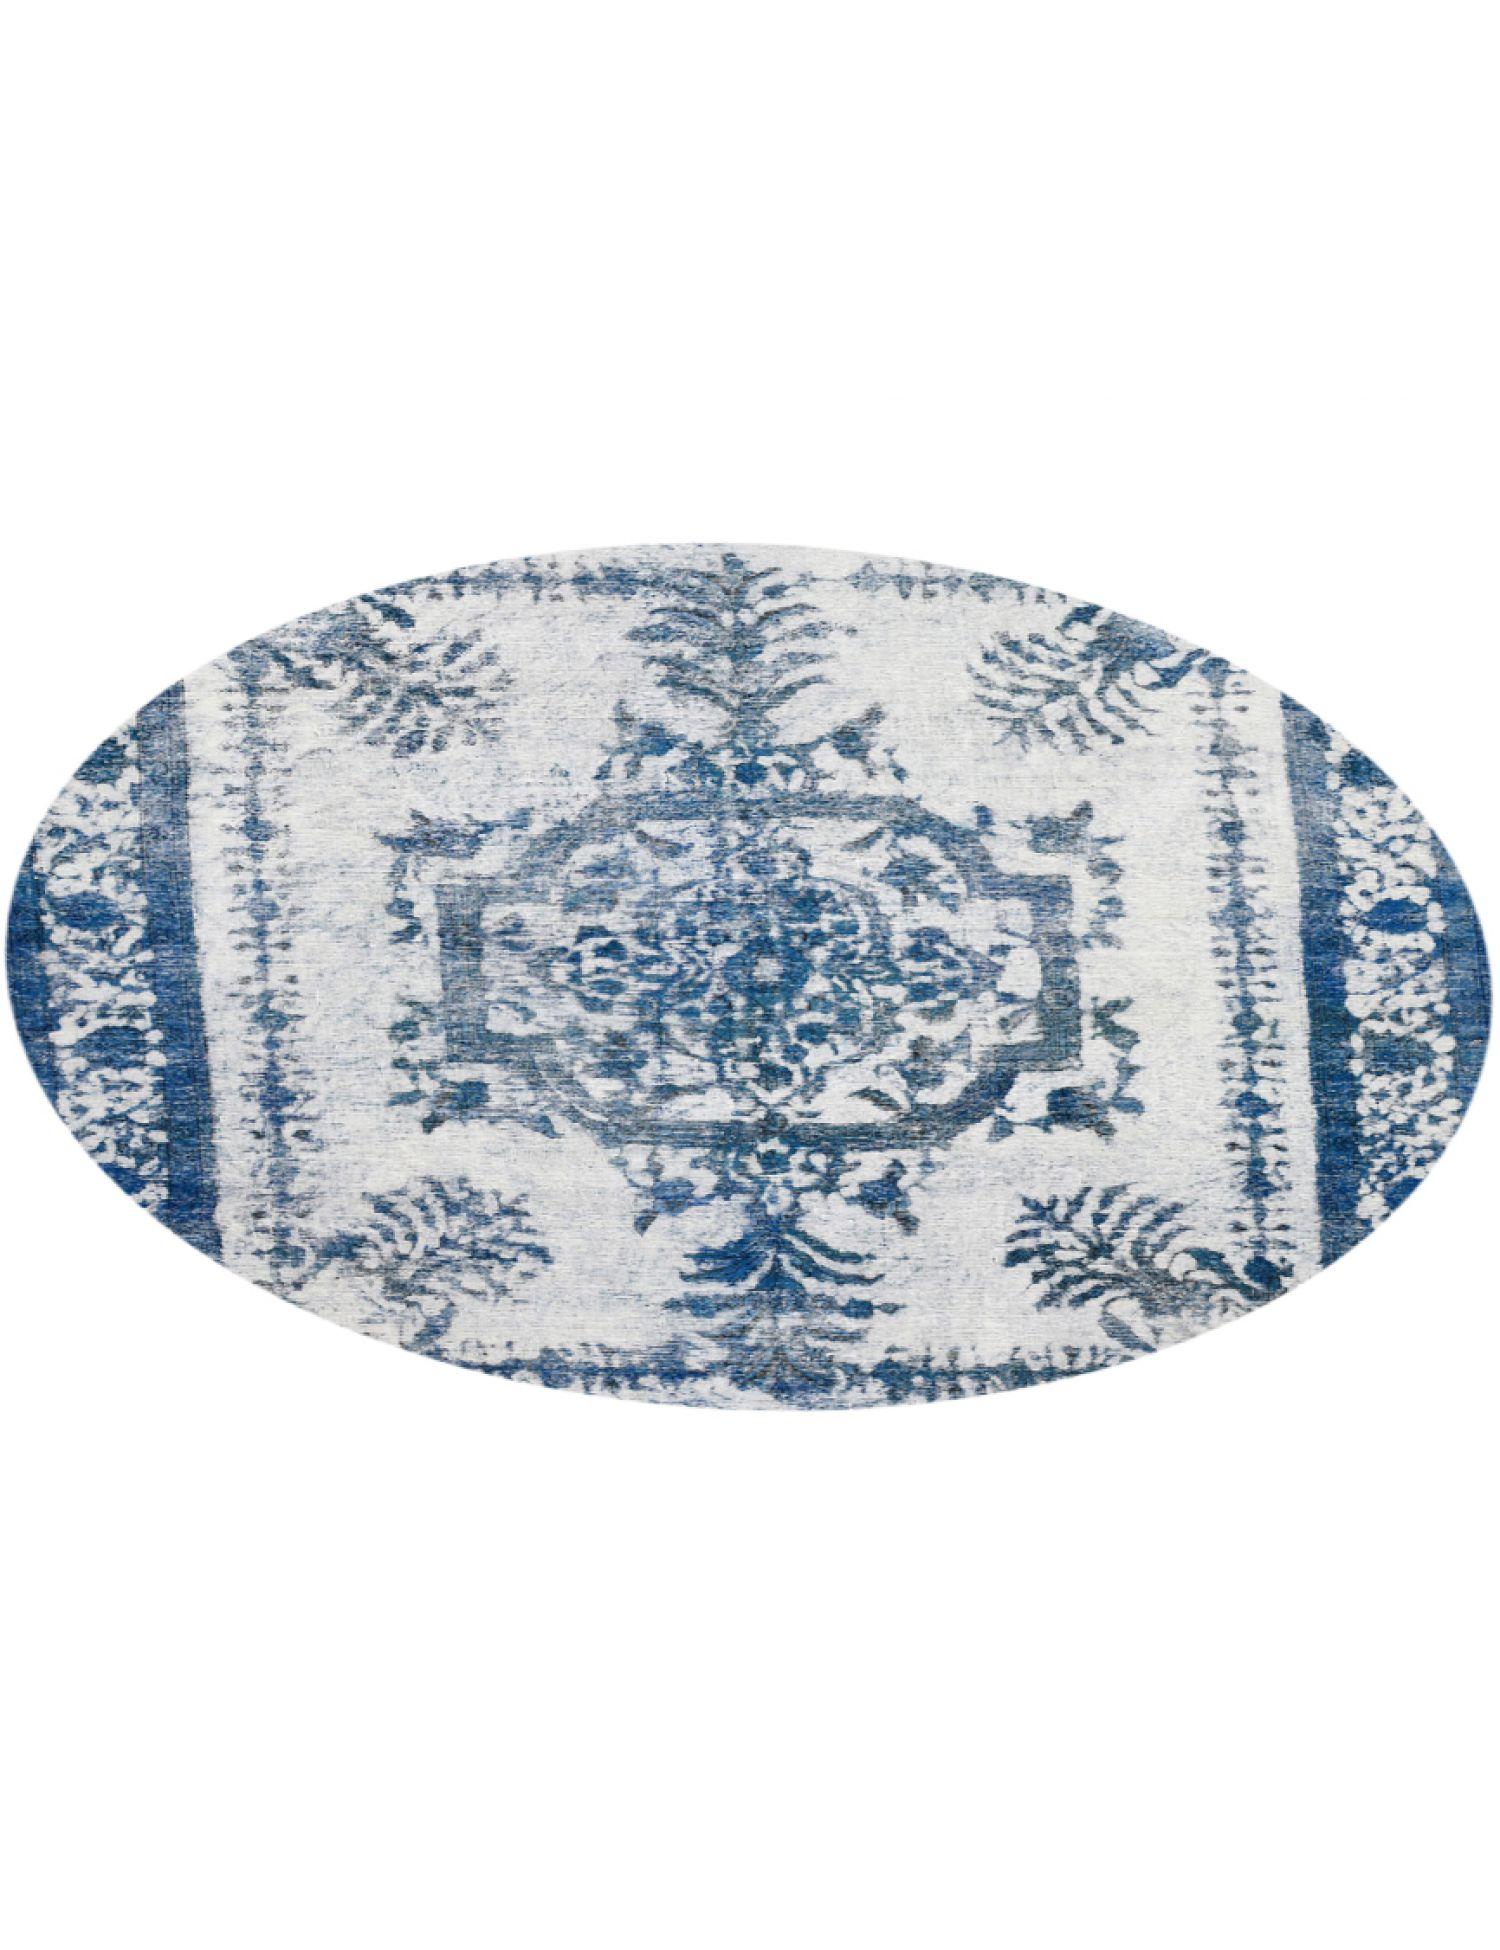 Vintage Teppich rund  blau <br/>302 x 302 cm